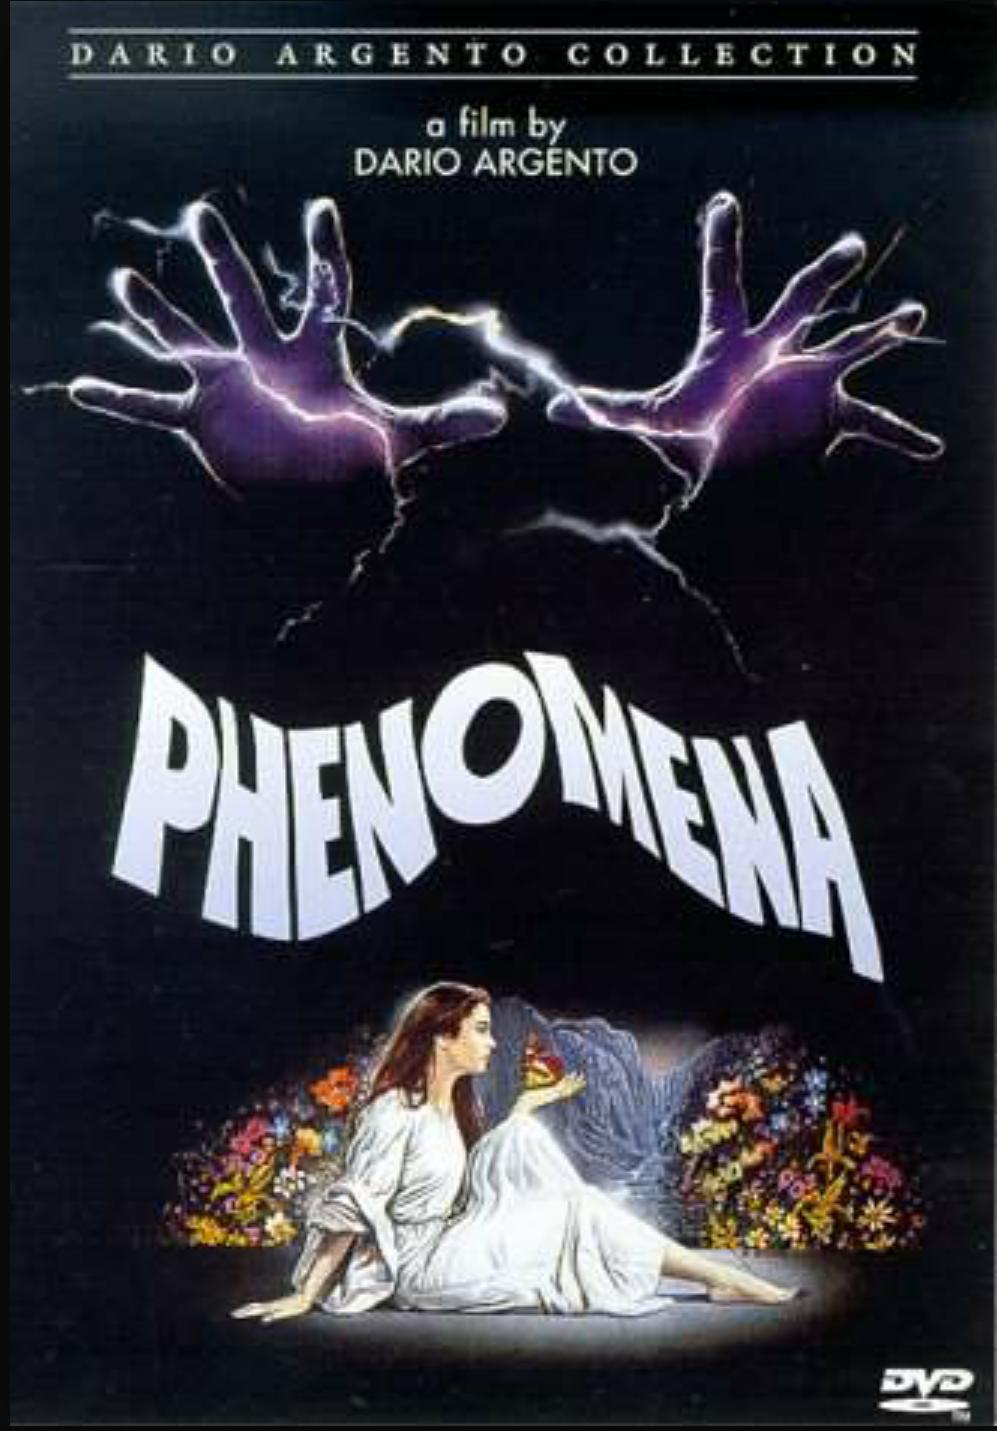 Phenomena – Dario Argento